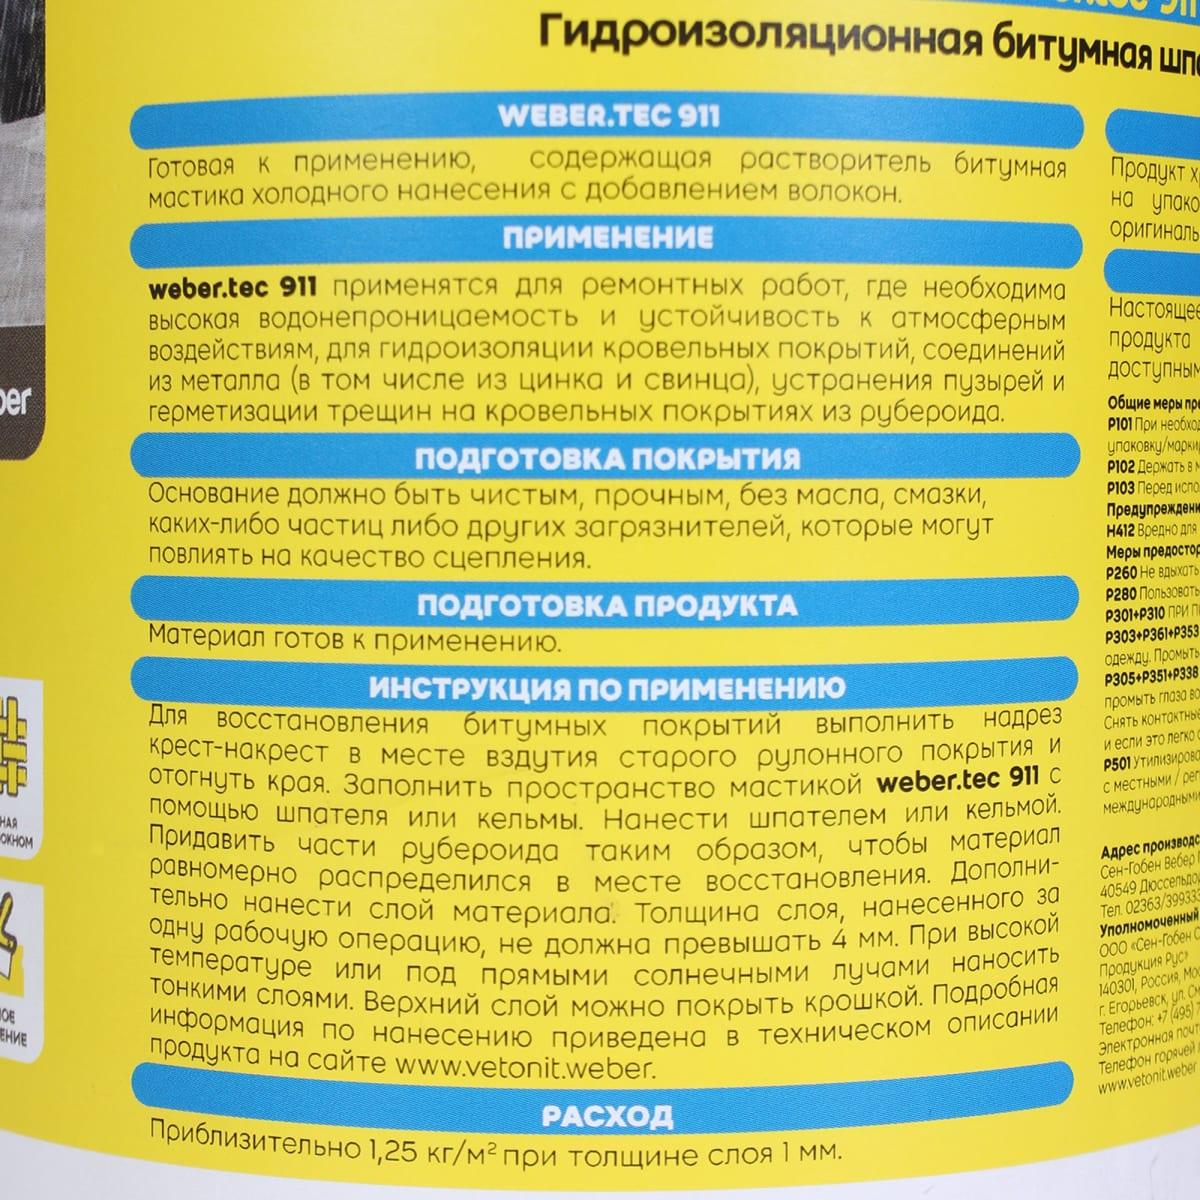 Кредит 911 отзывы клиентов москва